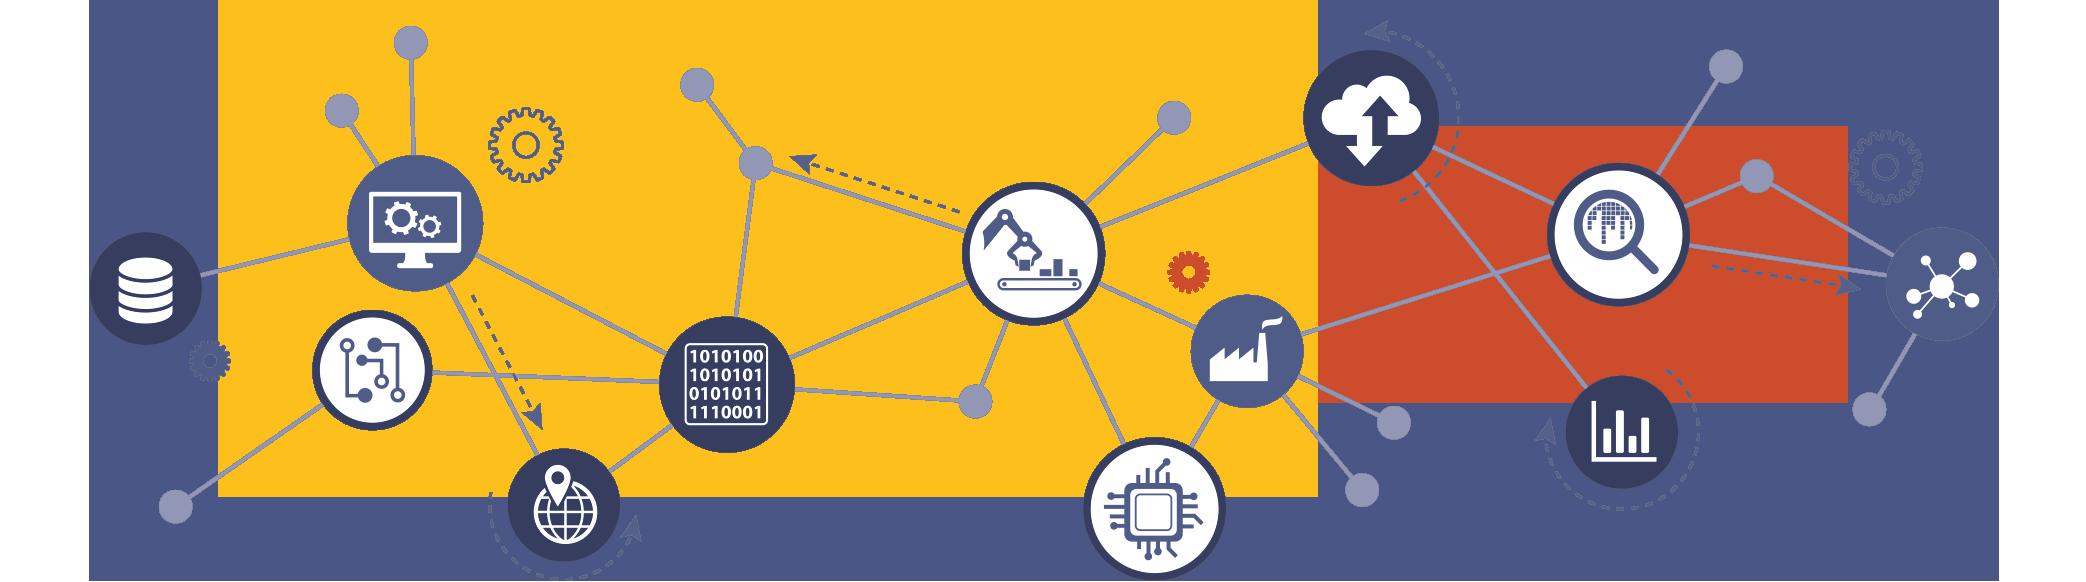 nonprofit integrations diagram